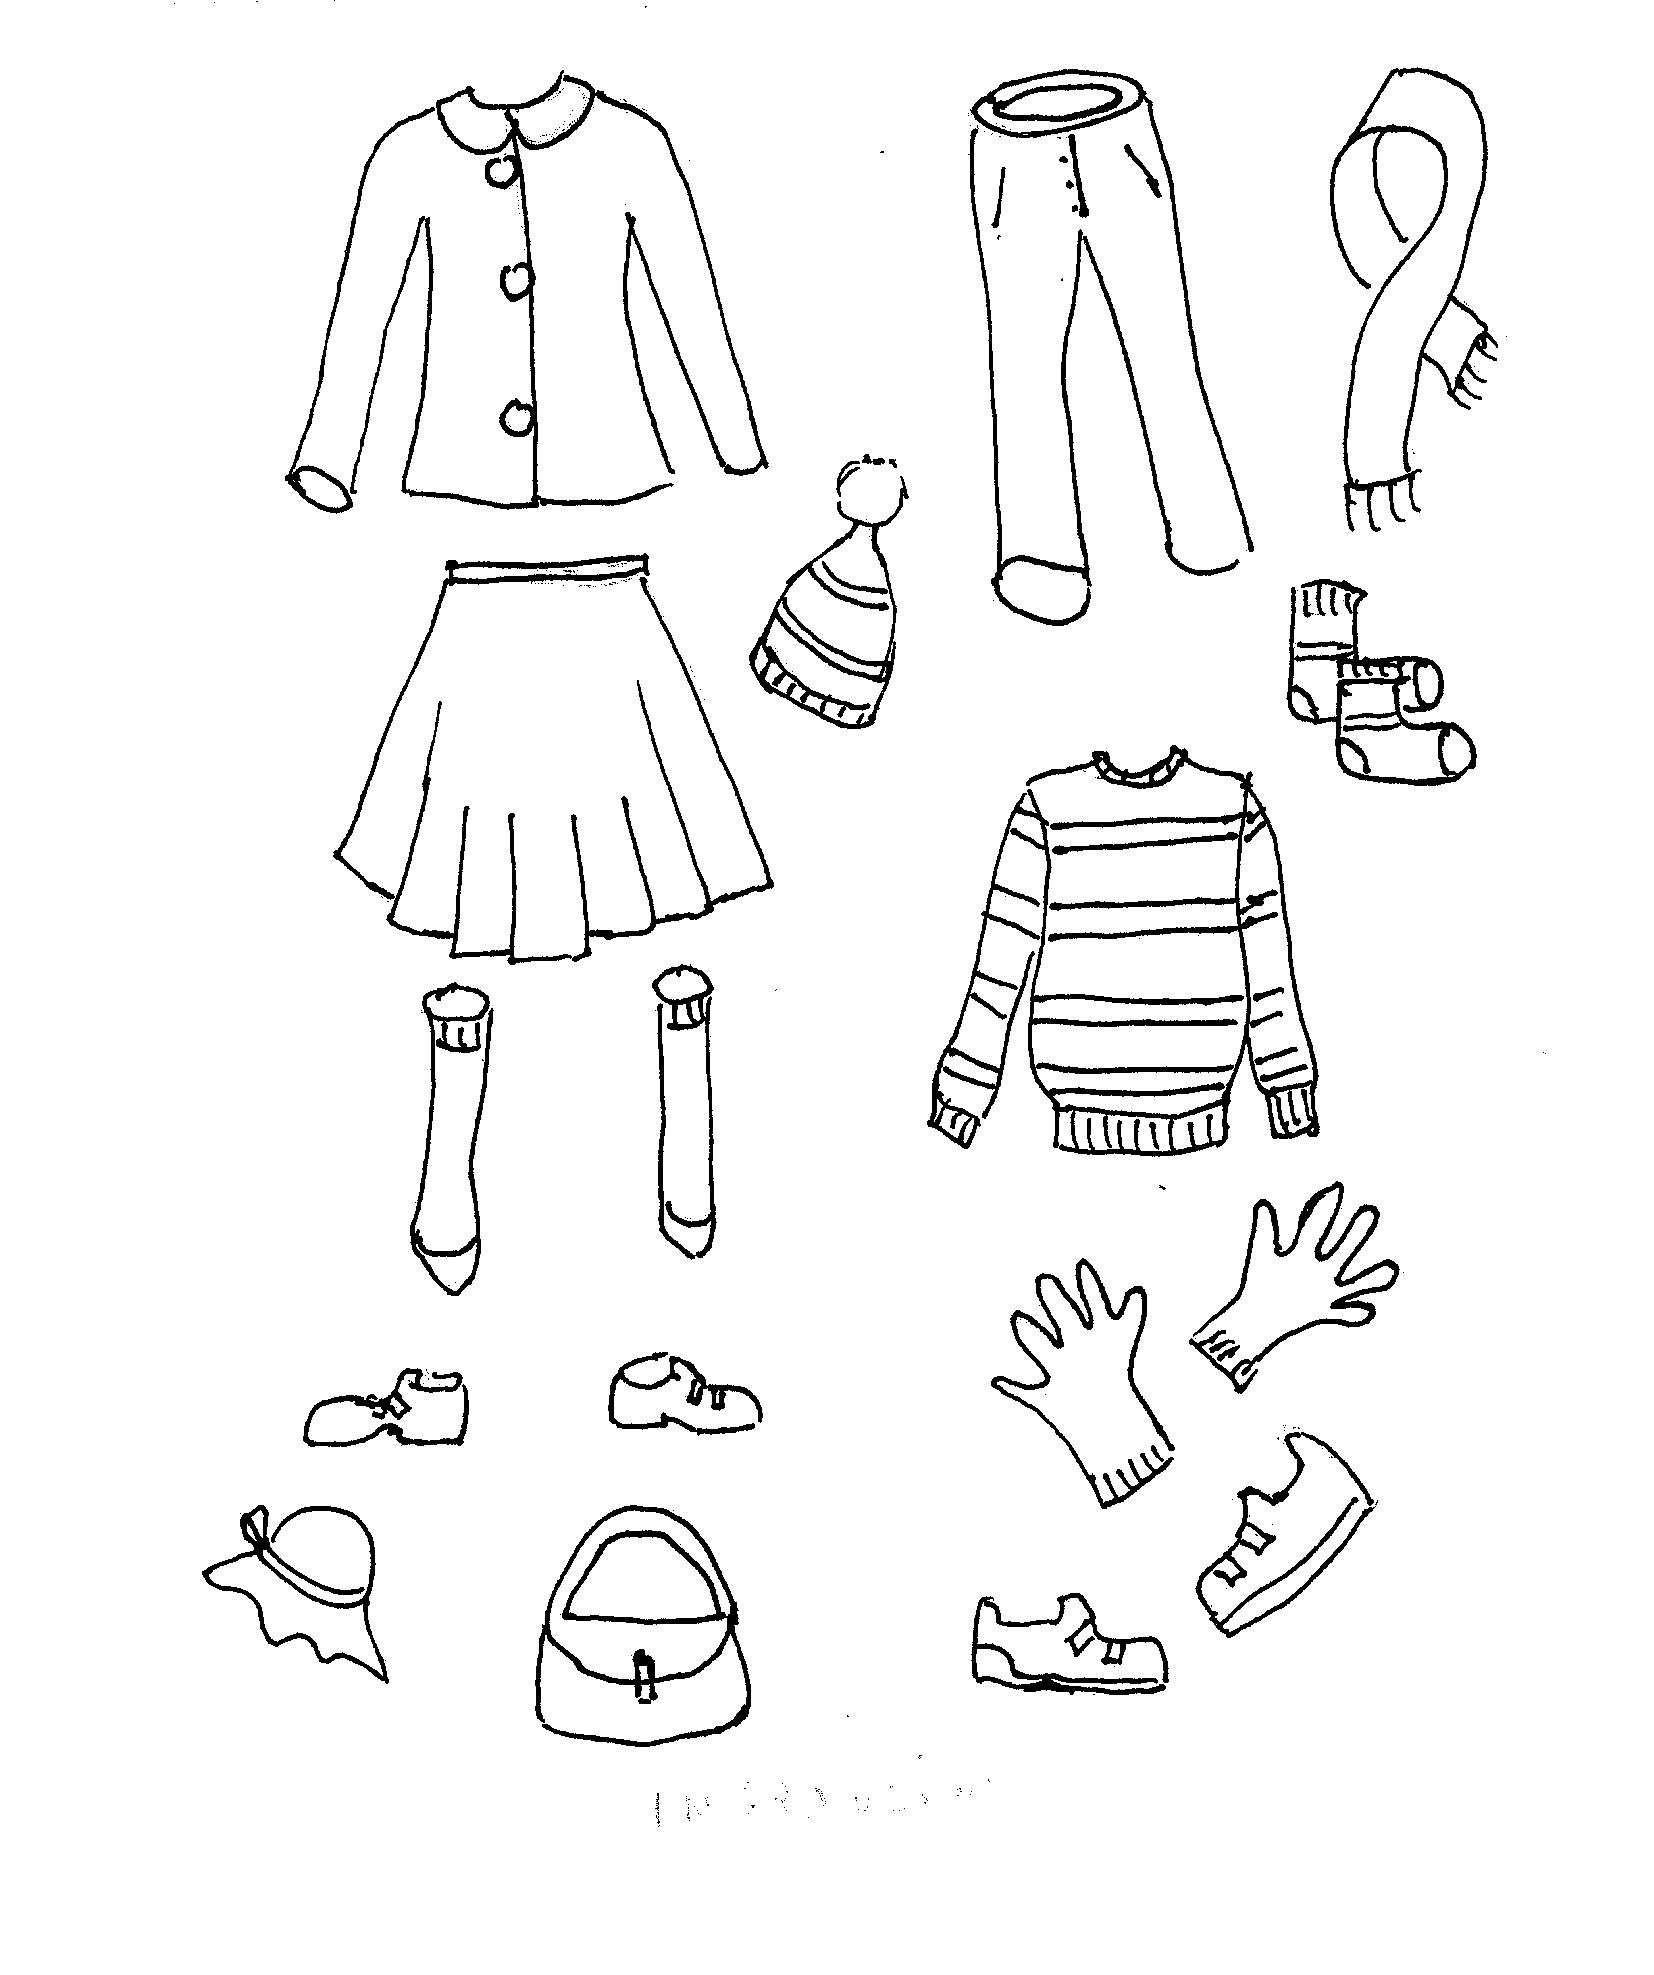 Vestiti Disegni Da Colorare I Bambini 34arcsj5lq